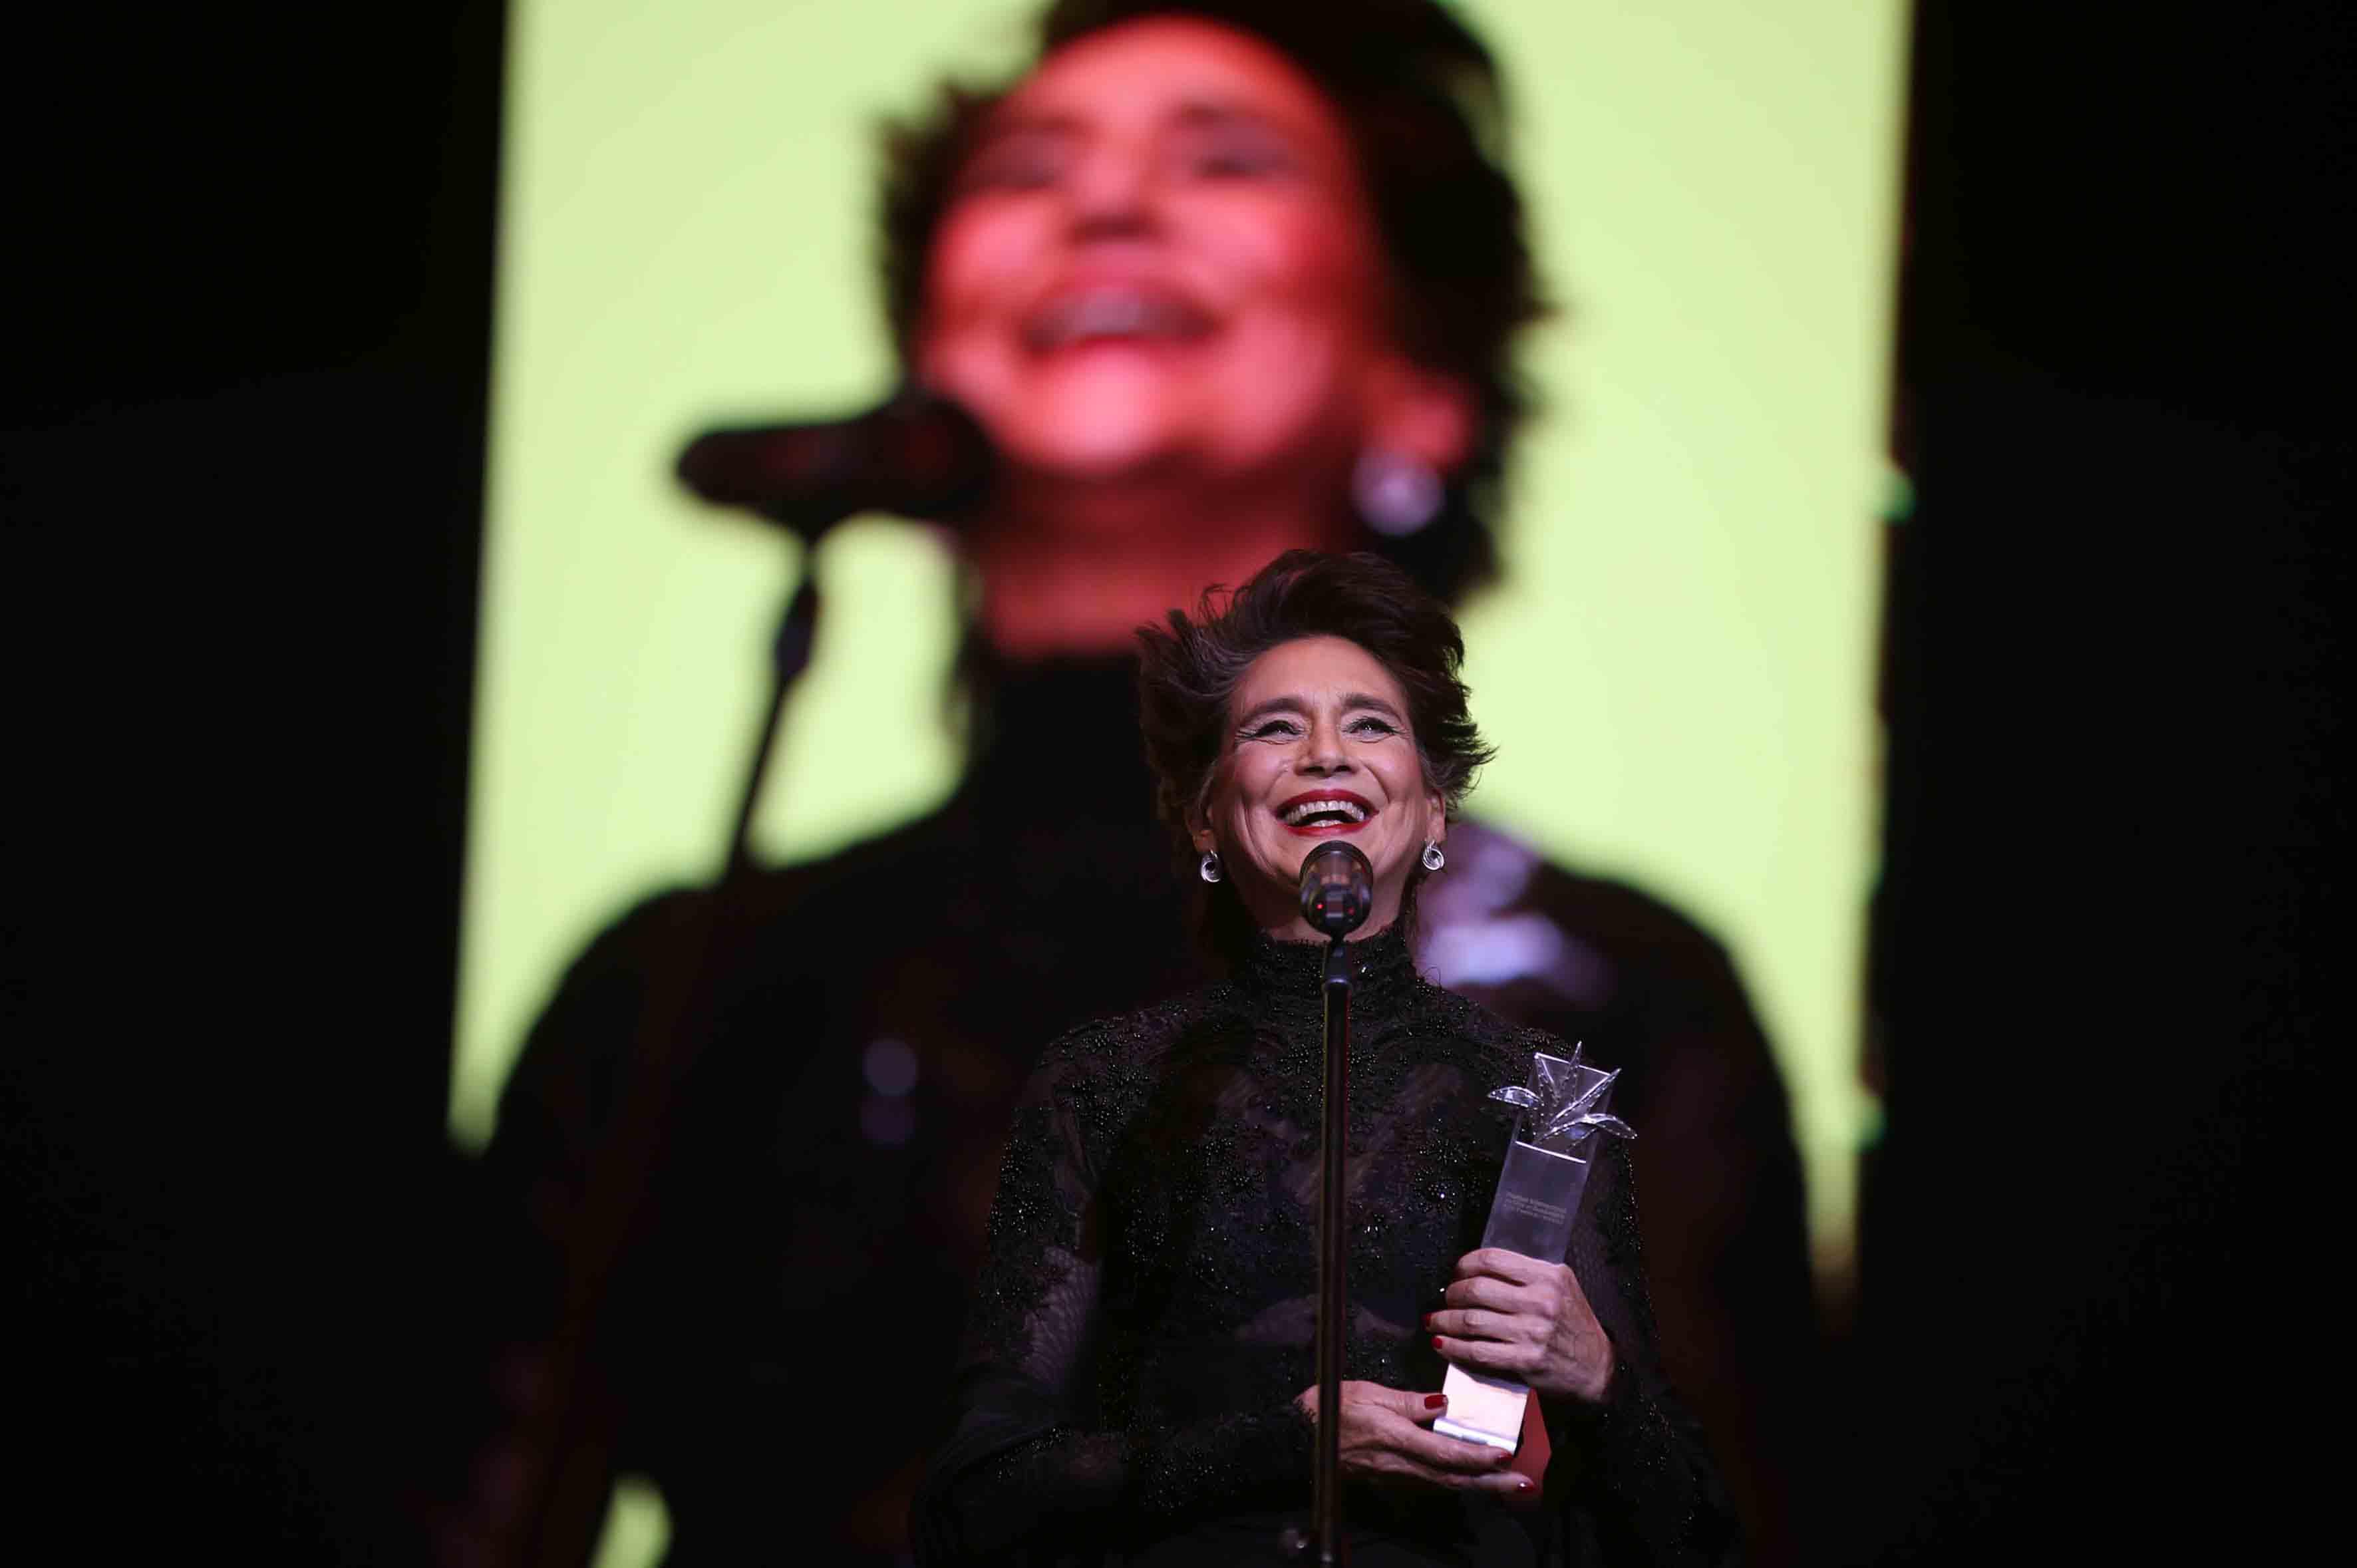 Ofelia Medina, actriz, guionista, productora y activista social mexicana, recibiendo el premio Mayahuel de Plata, durante la ceremonia.